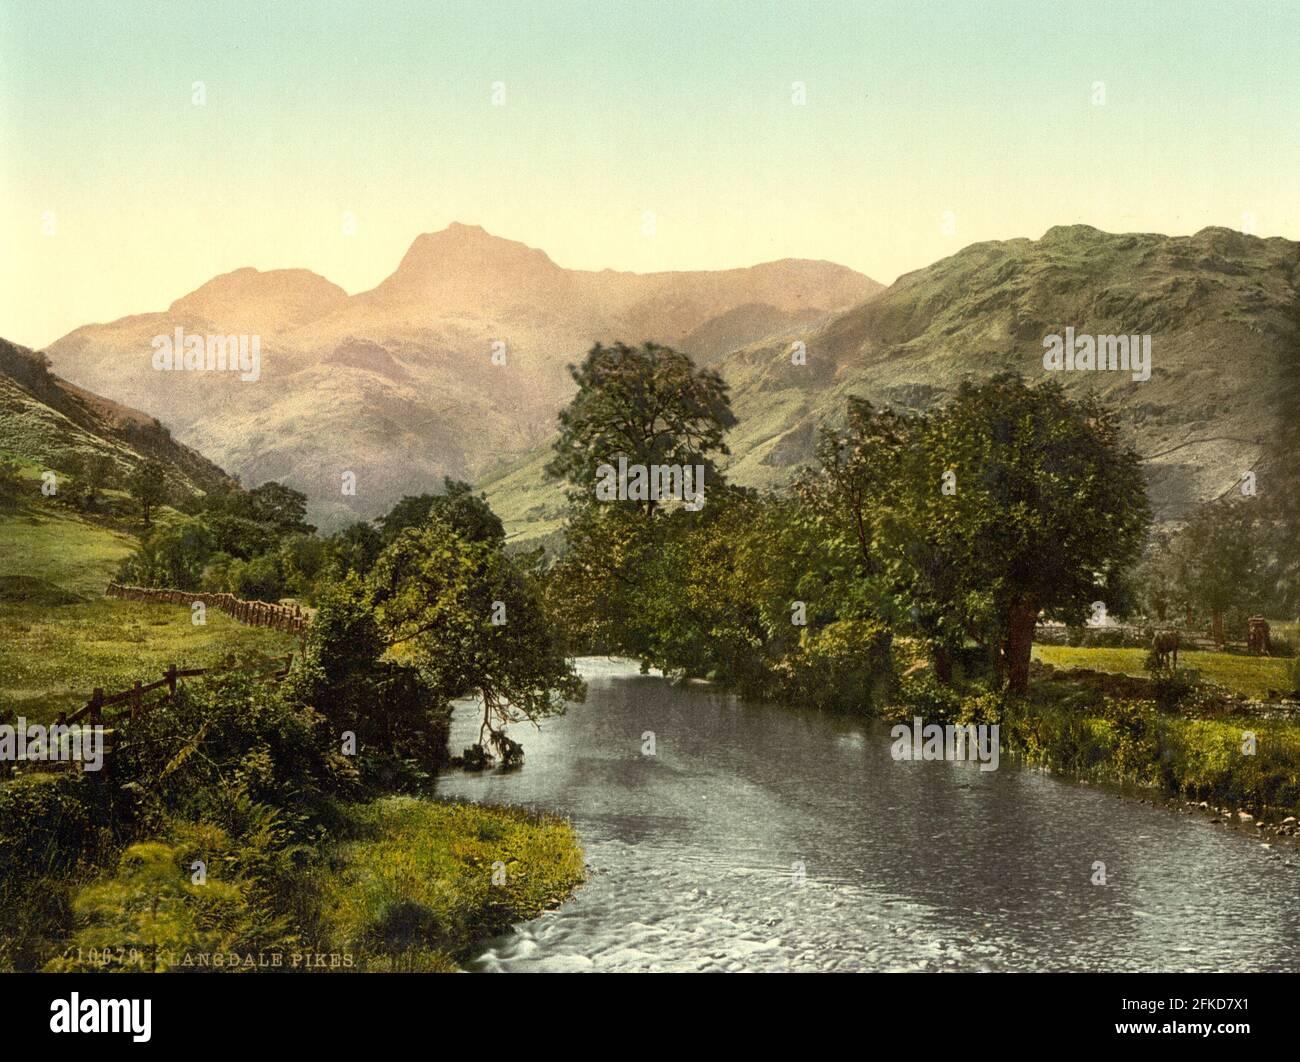 El río Brathay y los Pikes Langdale en el Distrito de los Lagos, Cumbria alrededor de 1890-1900 Foto de stock